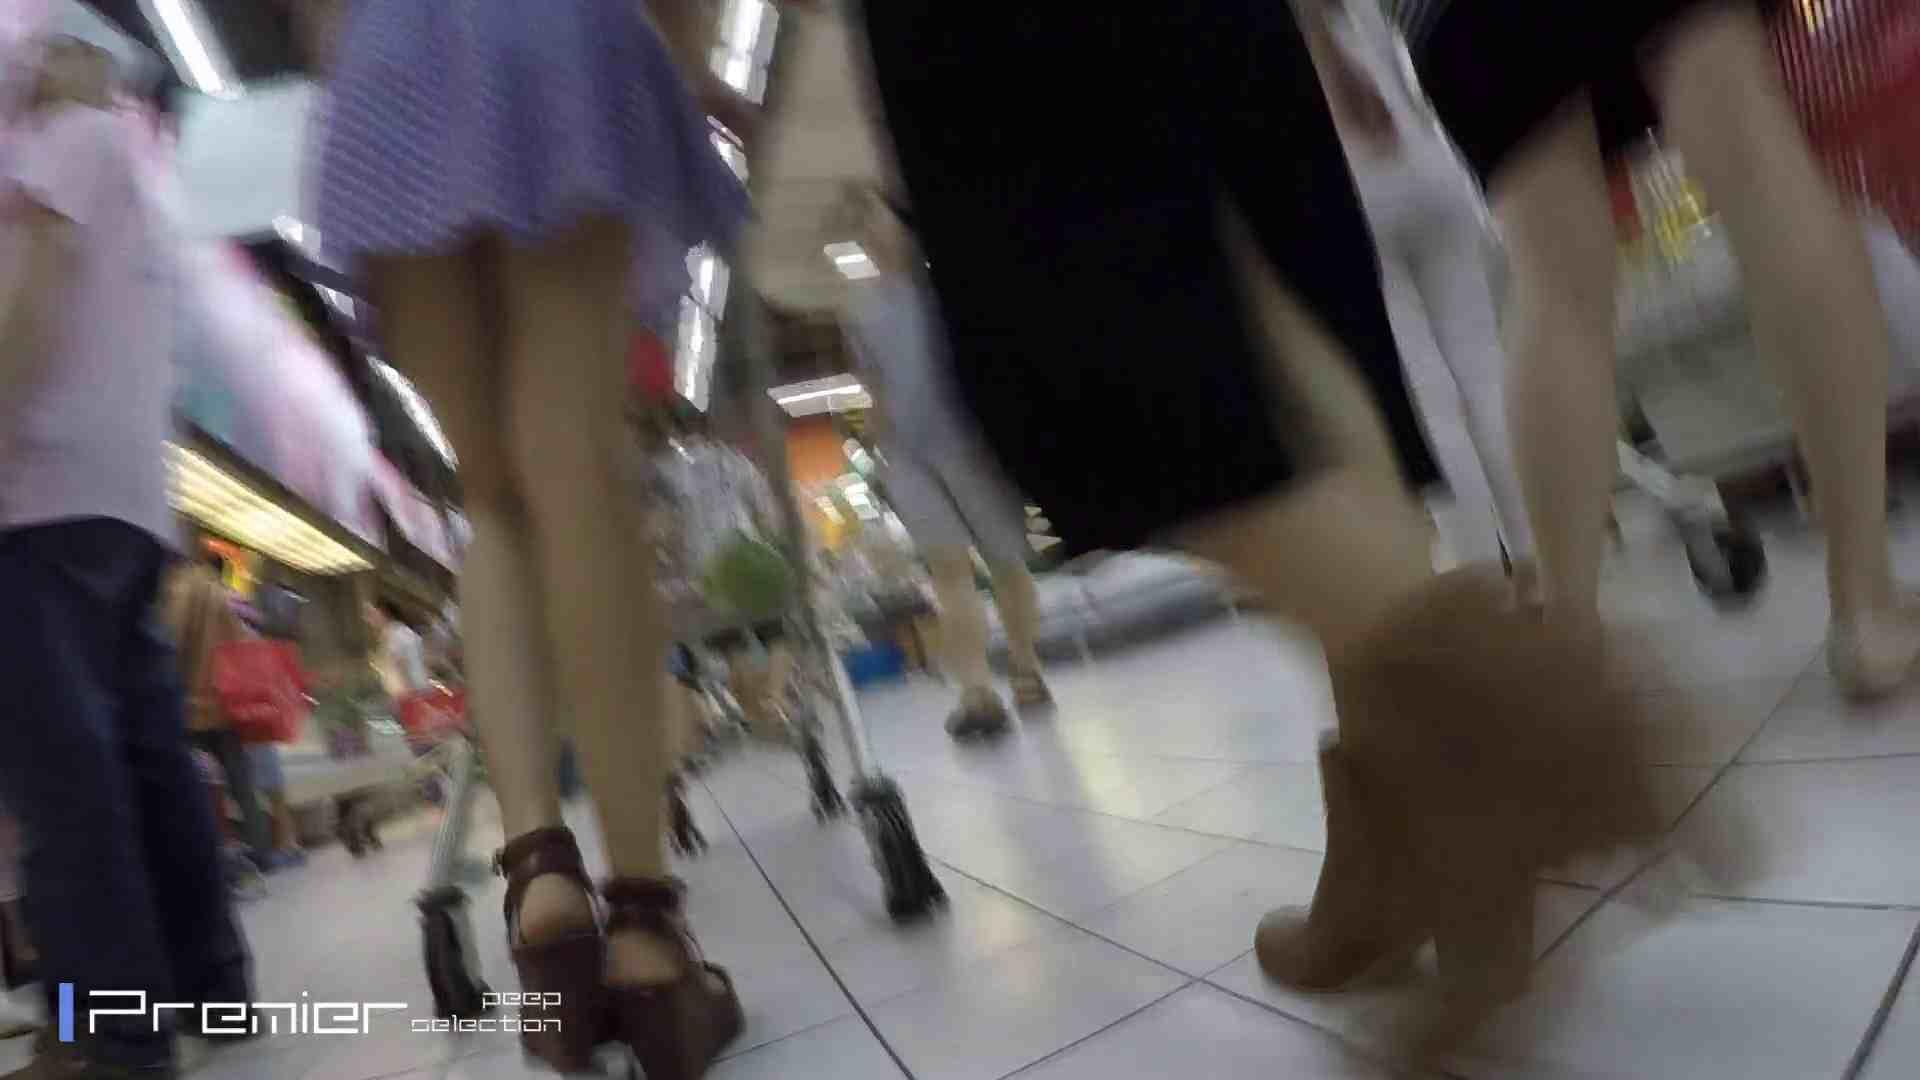 美女の下半身を粘着撮り!卑猥なパンチラ Vol.05 お姉さん オメコ動画キャプチャ 53連発 14